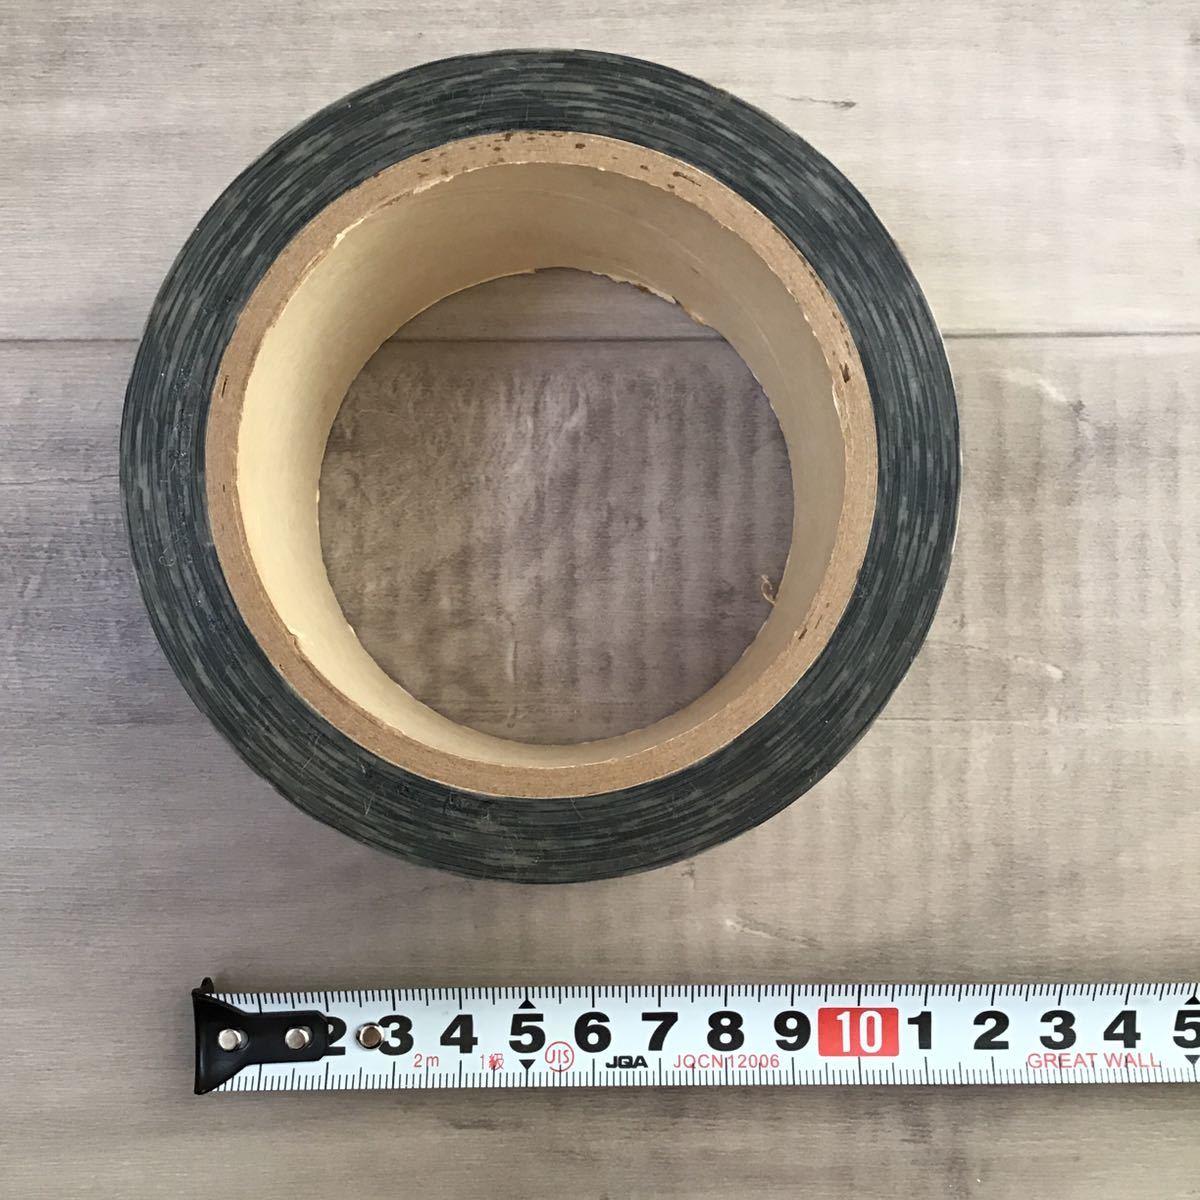 ★激レア★ bape tape テープ a bathing ape コレクション エイプ ベイプ アベイシングエイプ グレーカモ 1st camo カモフラ nigo 08da